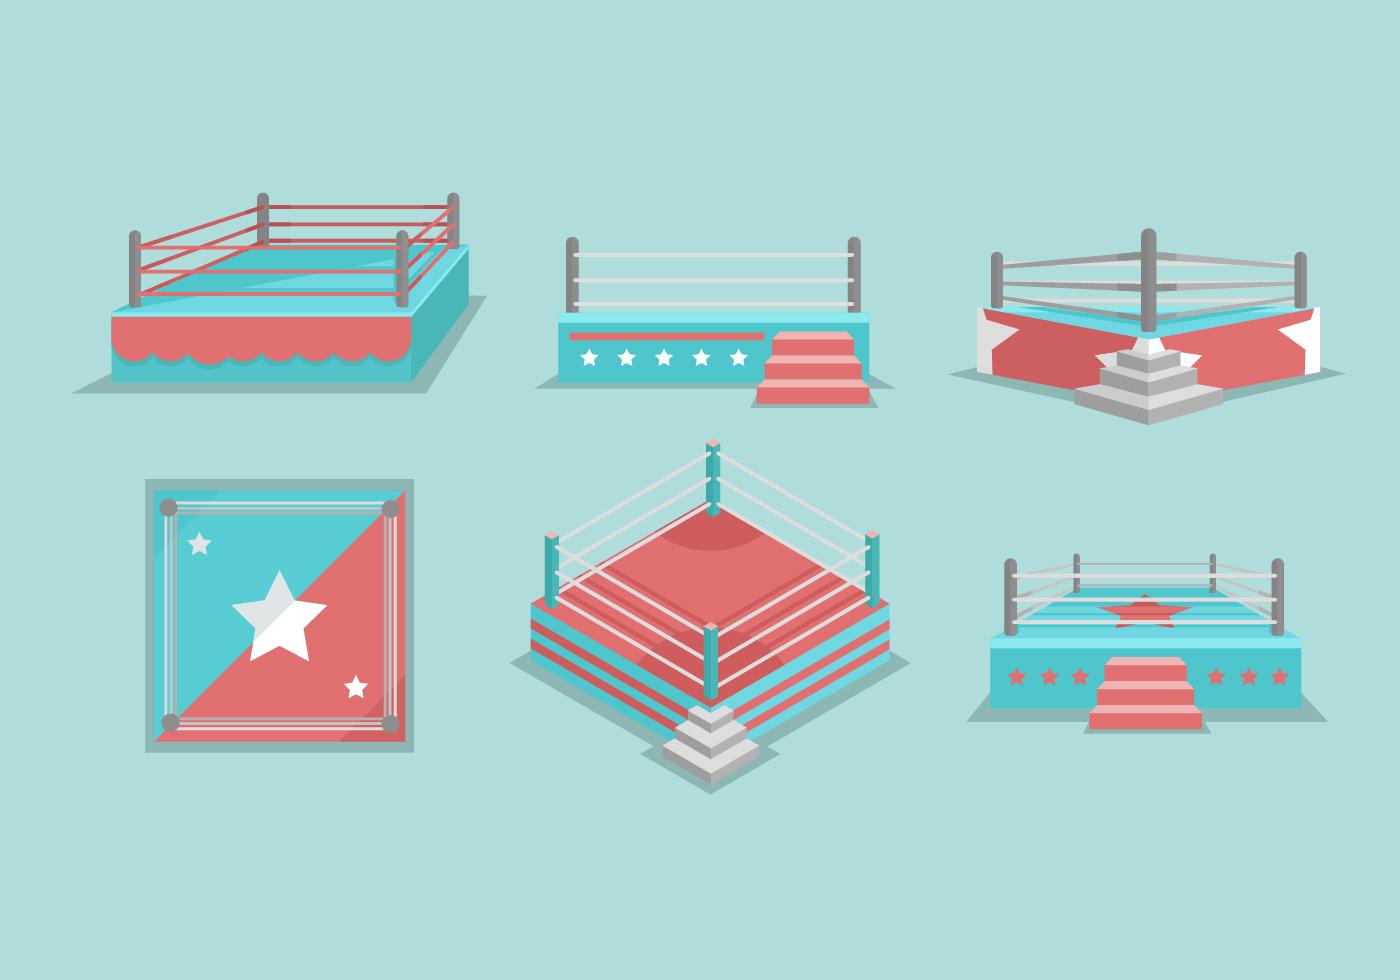 Wrestling Ring Vector Illustration - Download Free Vector ...  Wrestling Ring ...